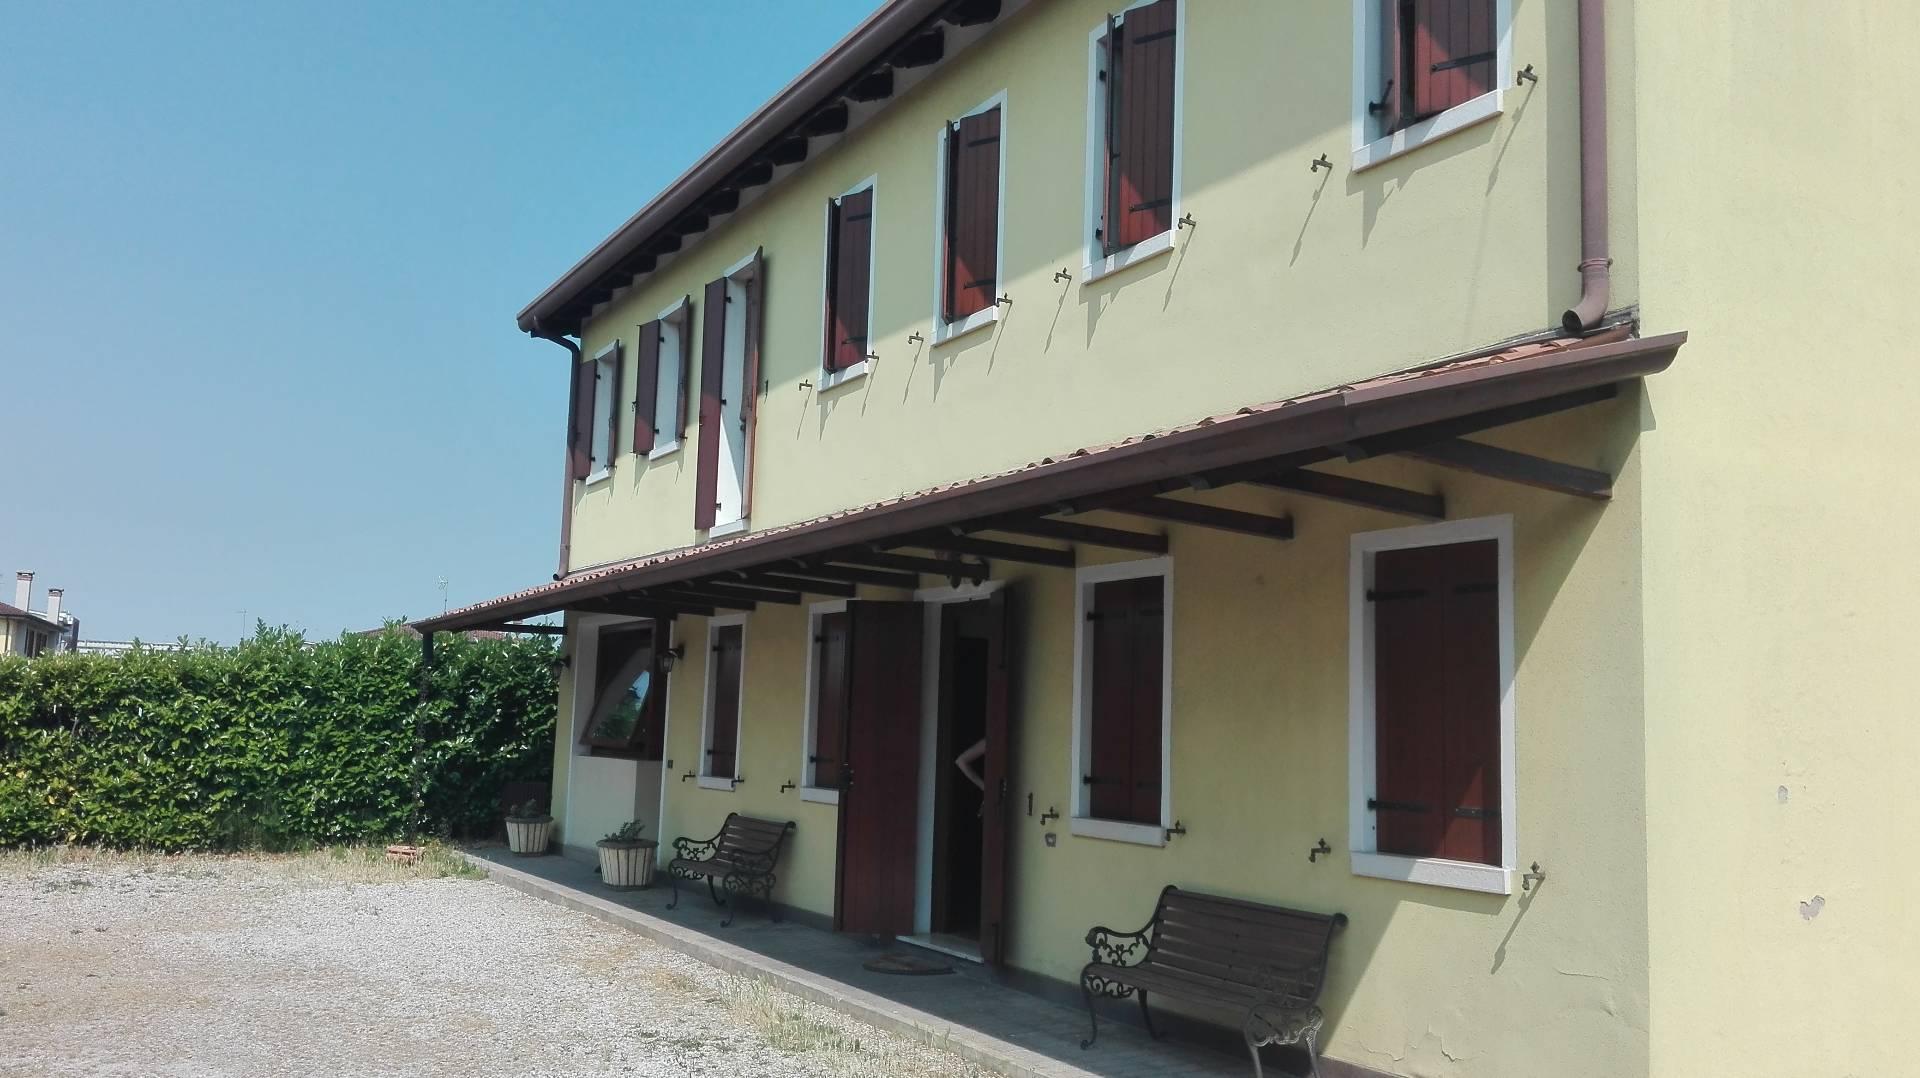 Villa in vendita a Mogliano Veneto, 5 locali, prezzo € 370.000 | CambioCasa.it